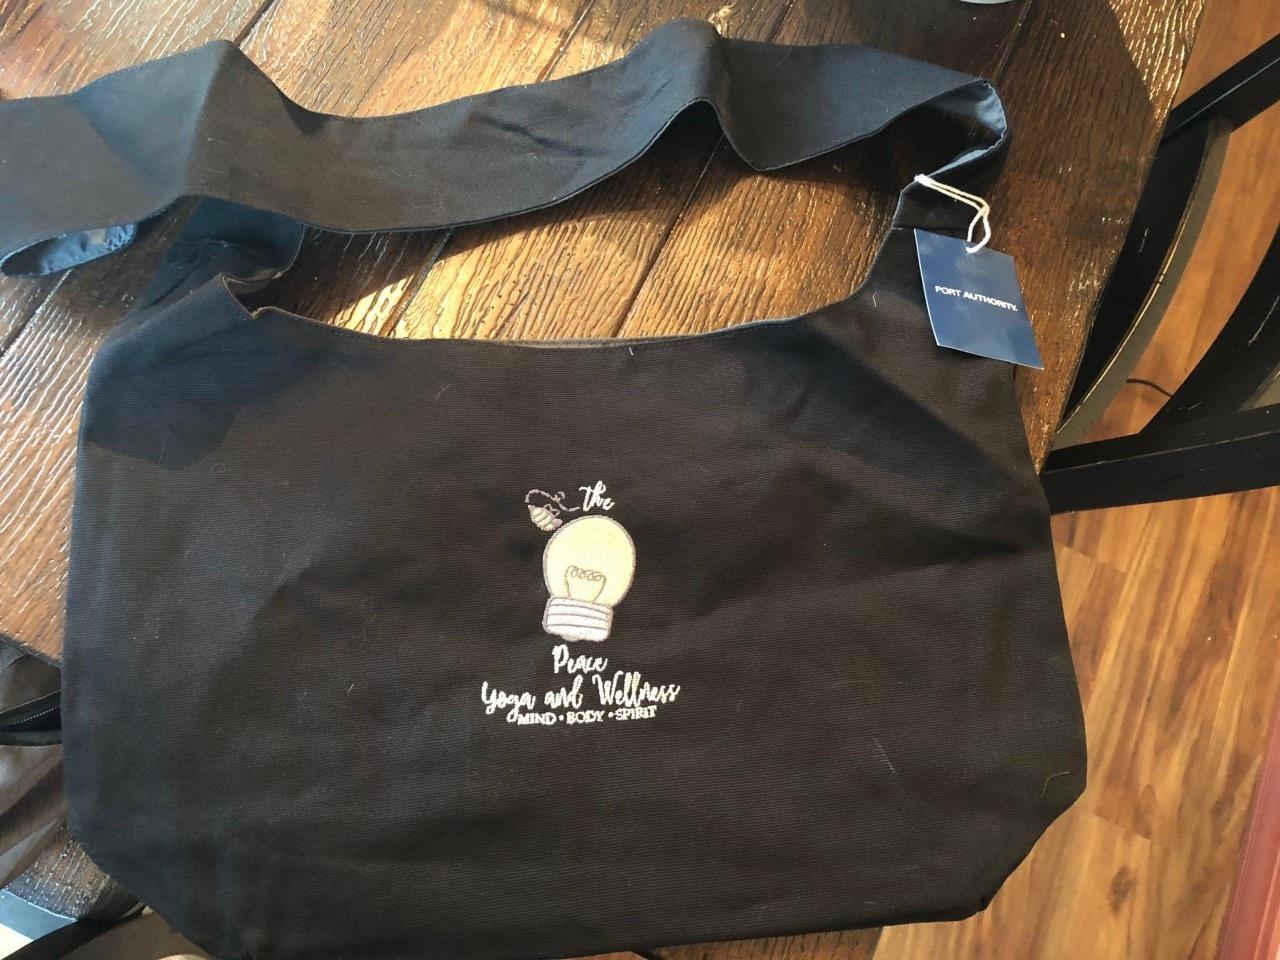 Peace Yoga and Wellness Bag $22